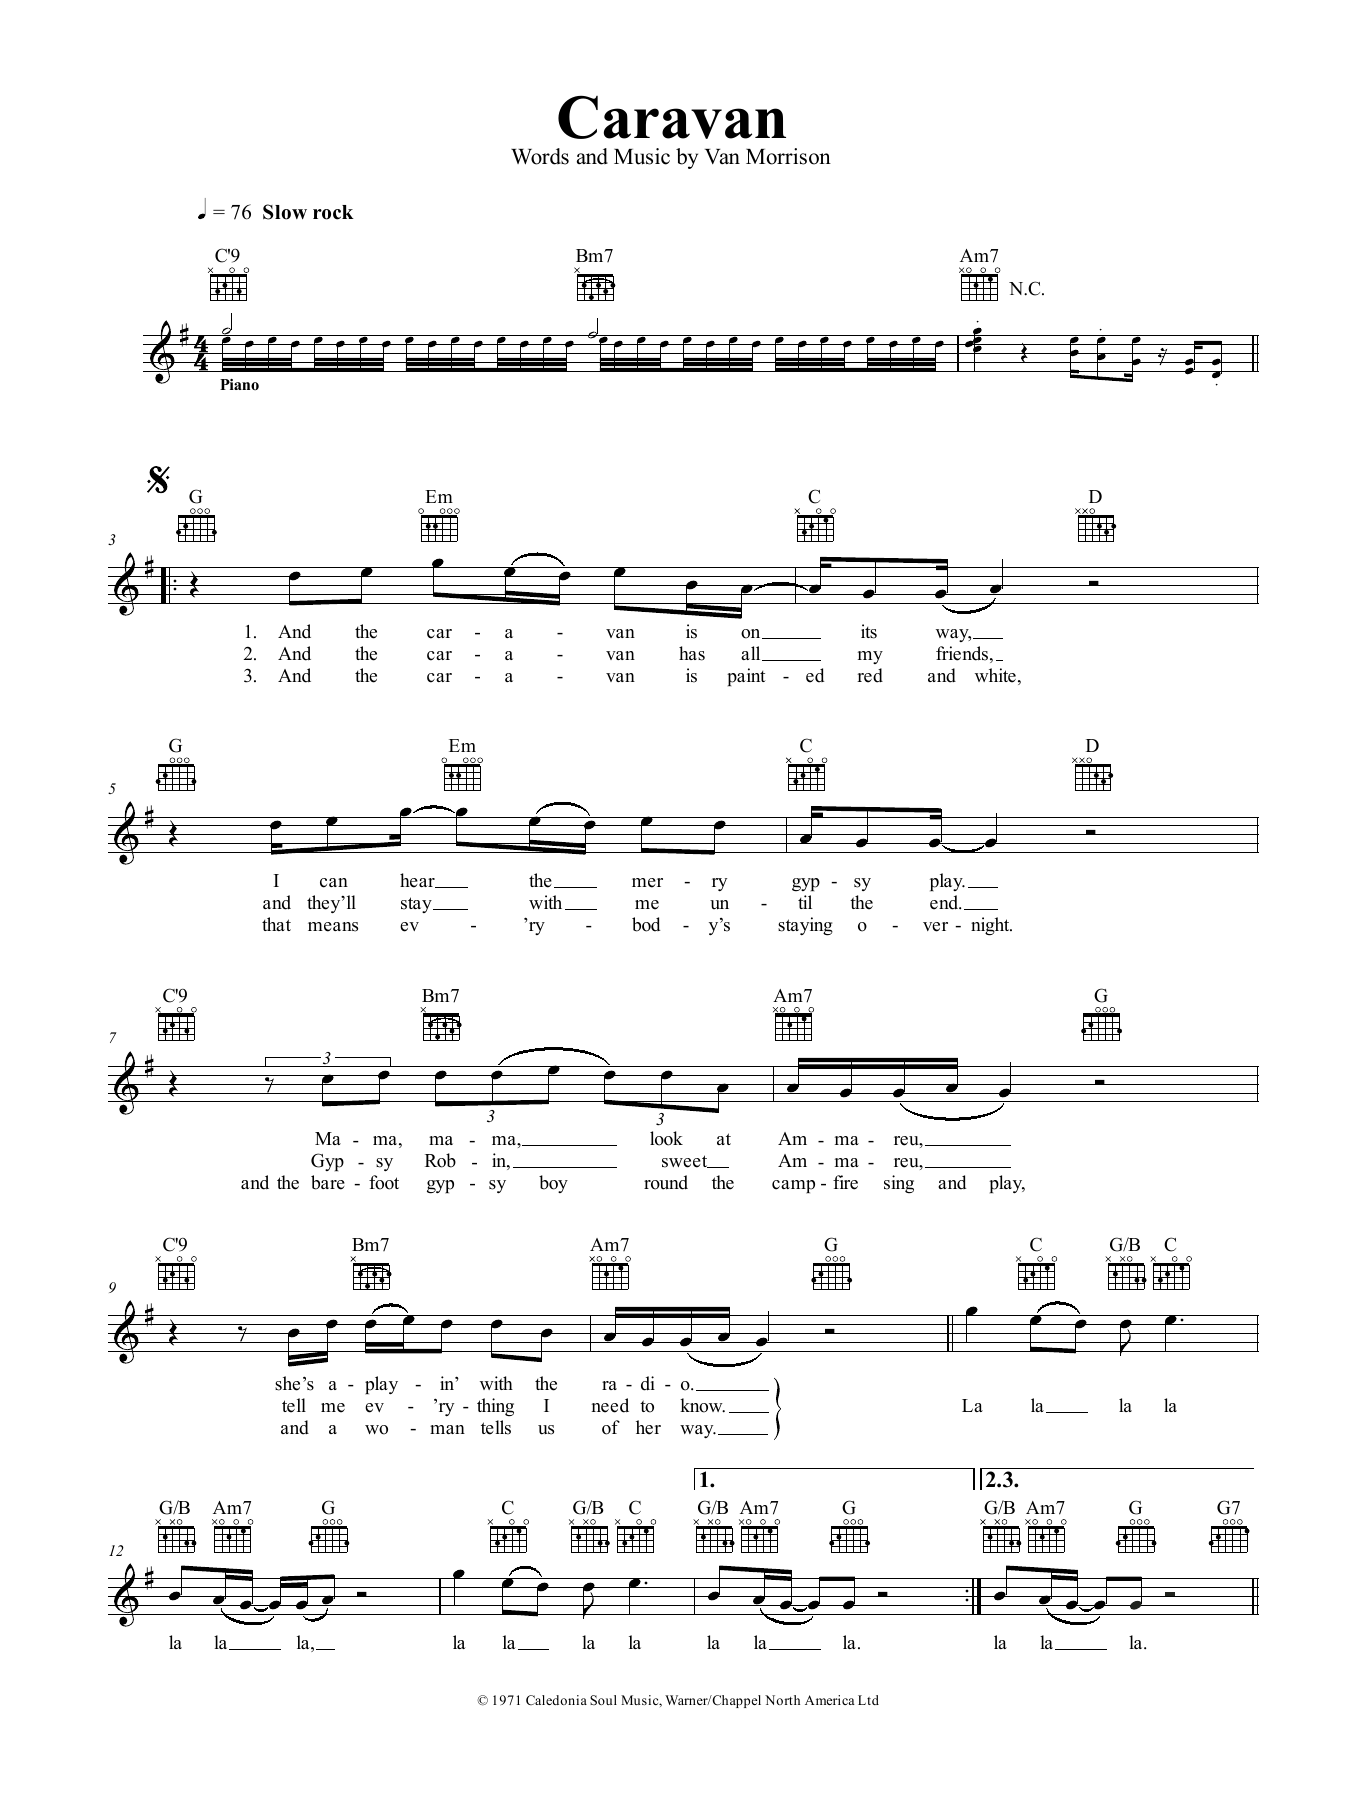 Caravan Van Morrison Melody Line Lyrics Chords